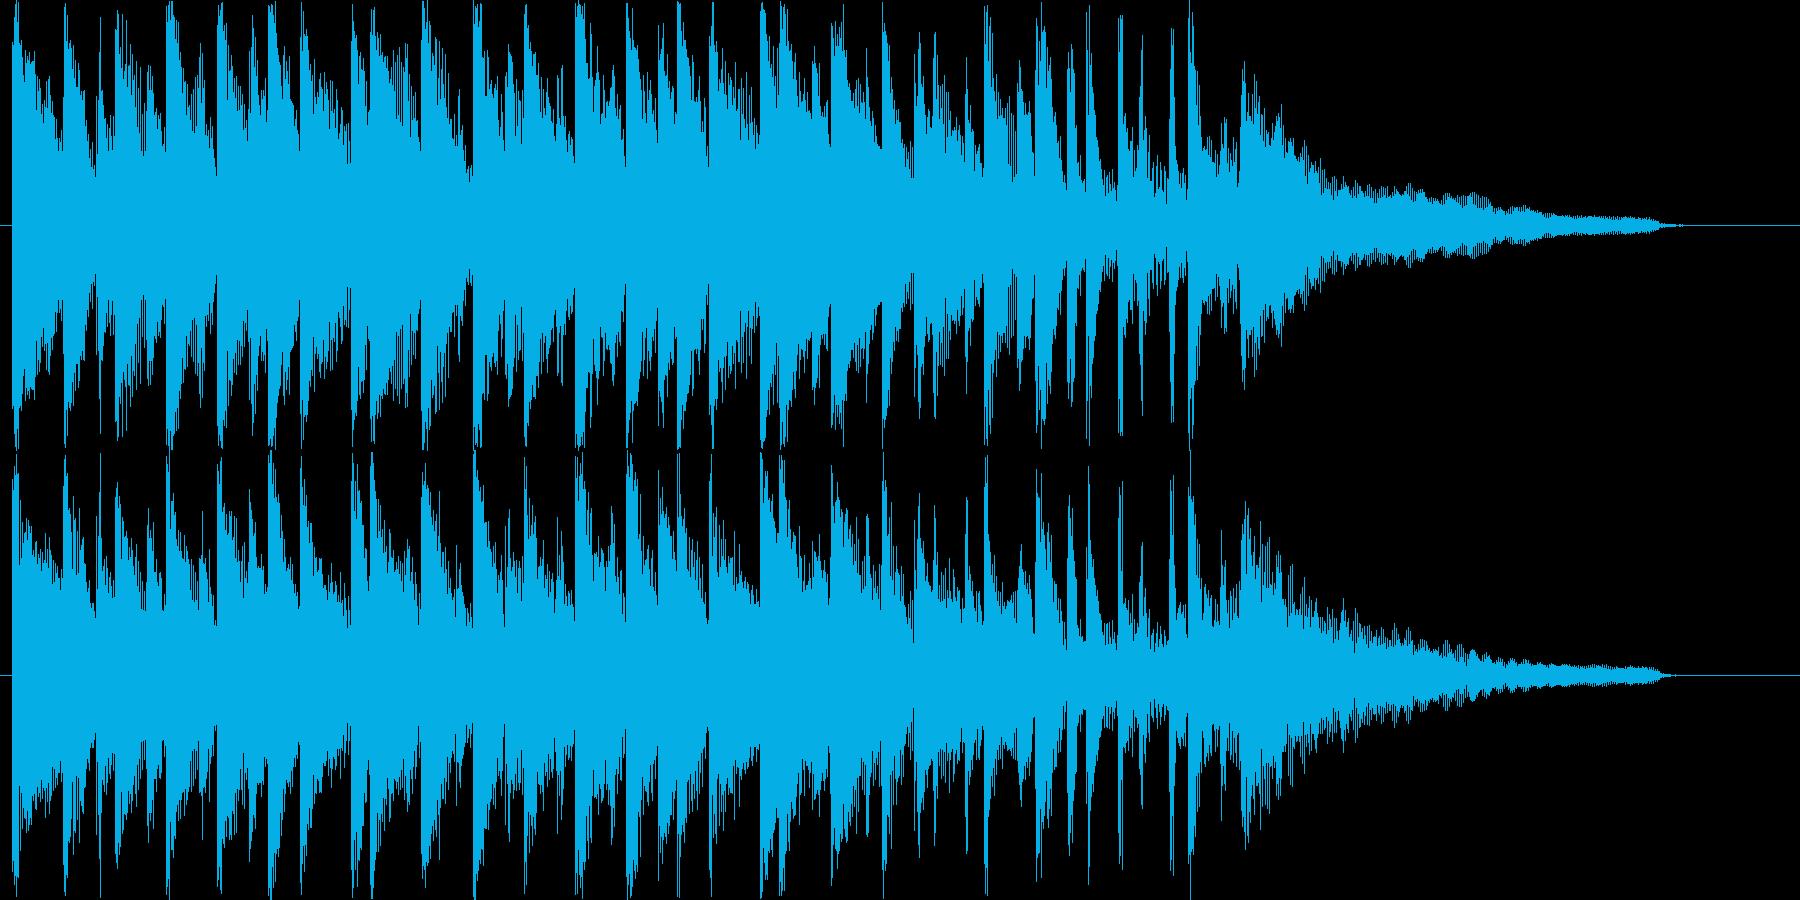 穏やかでハッピーなBGM♪の再生済みの波形